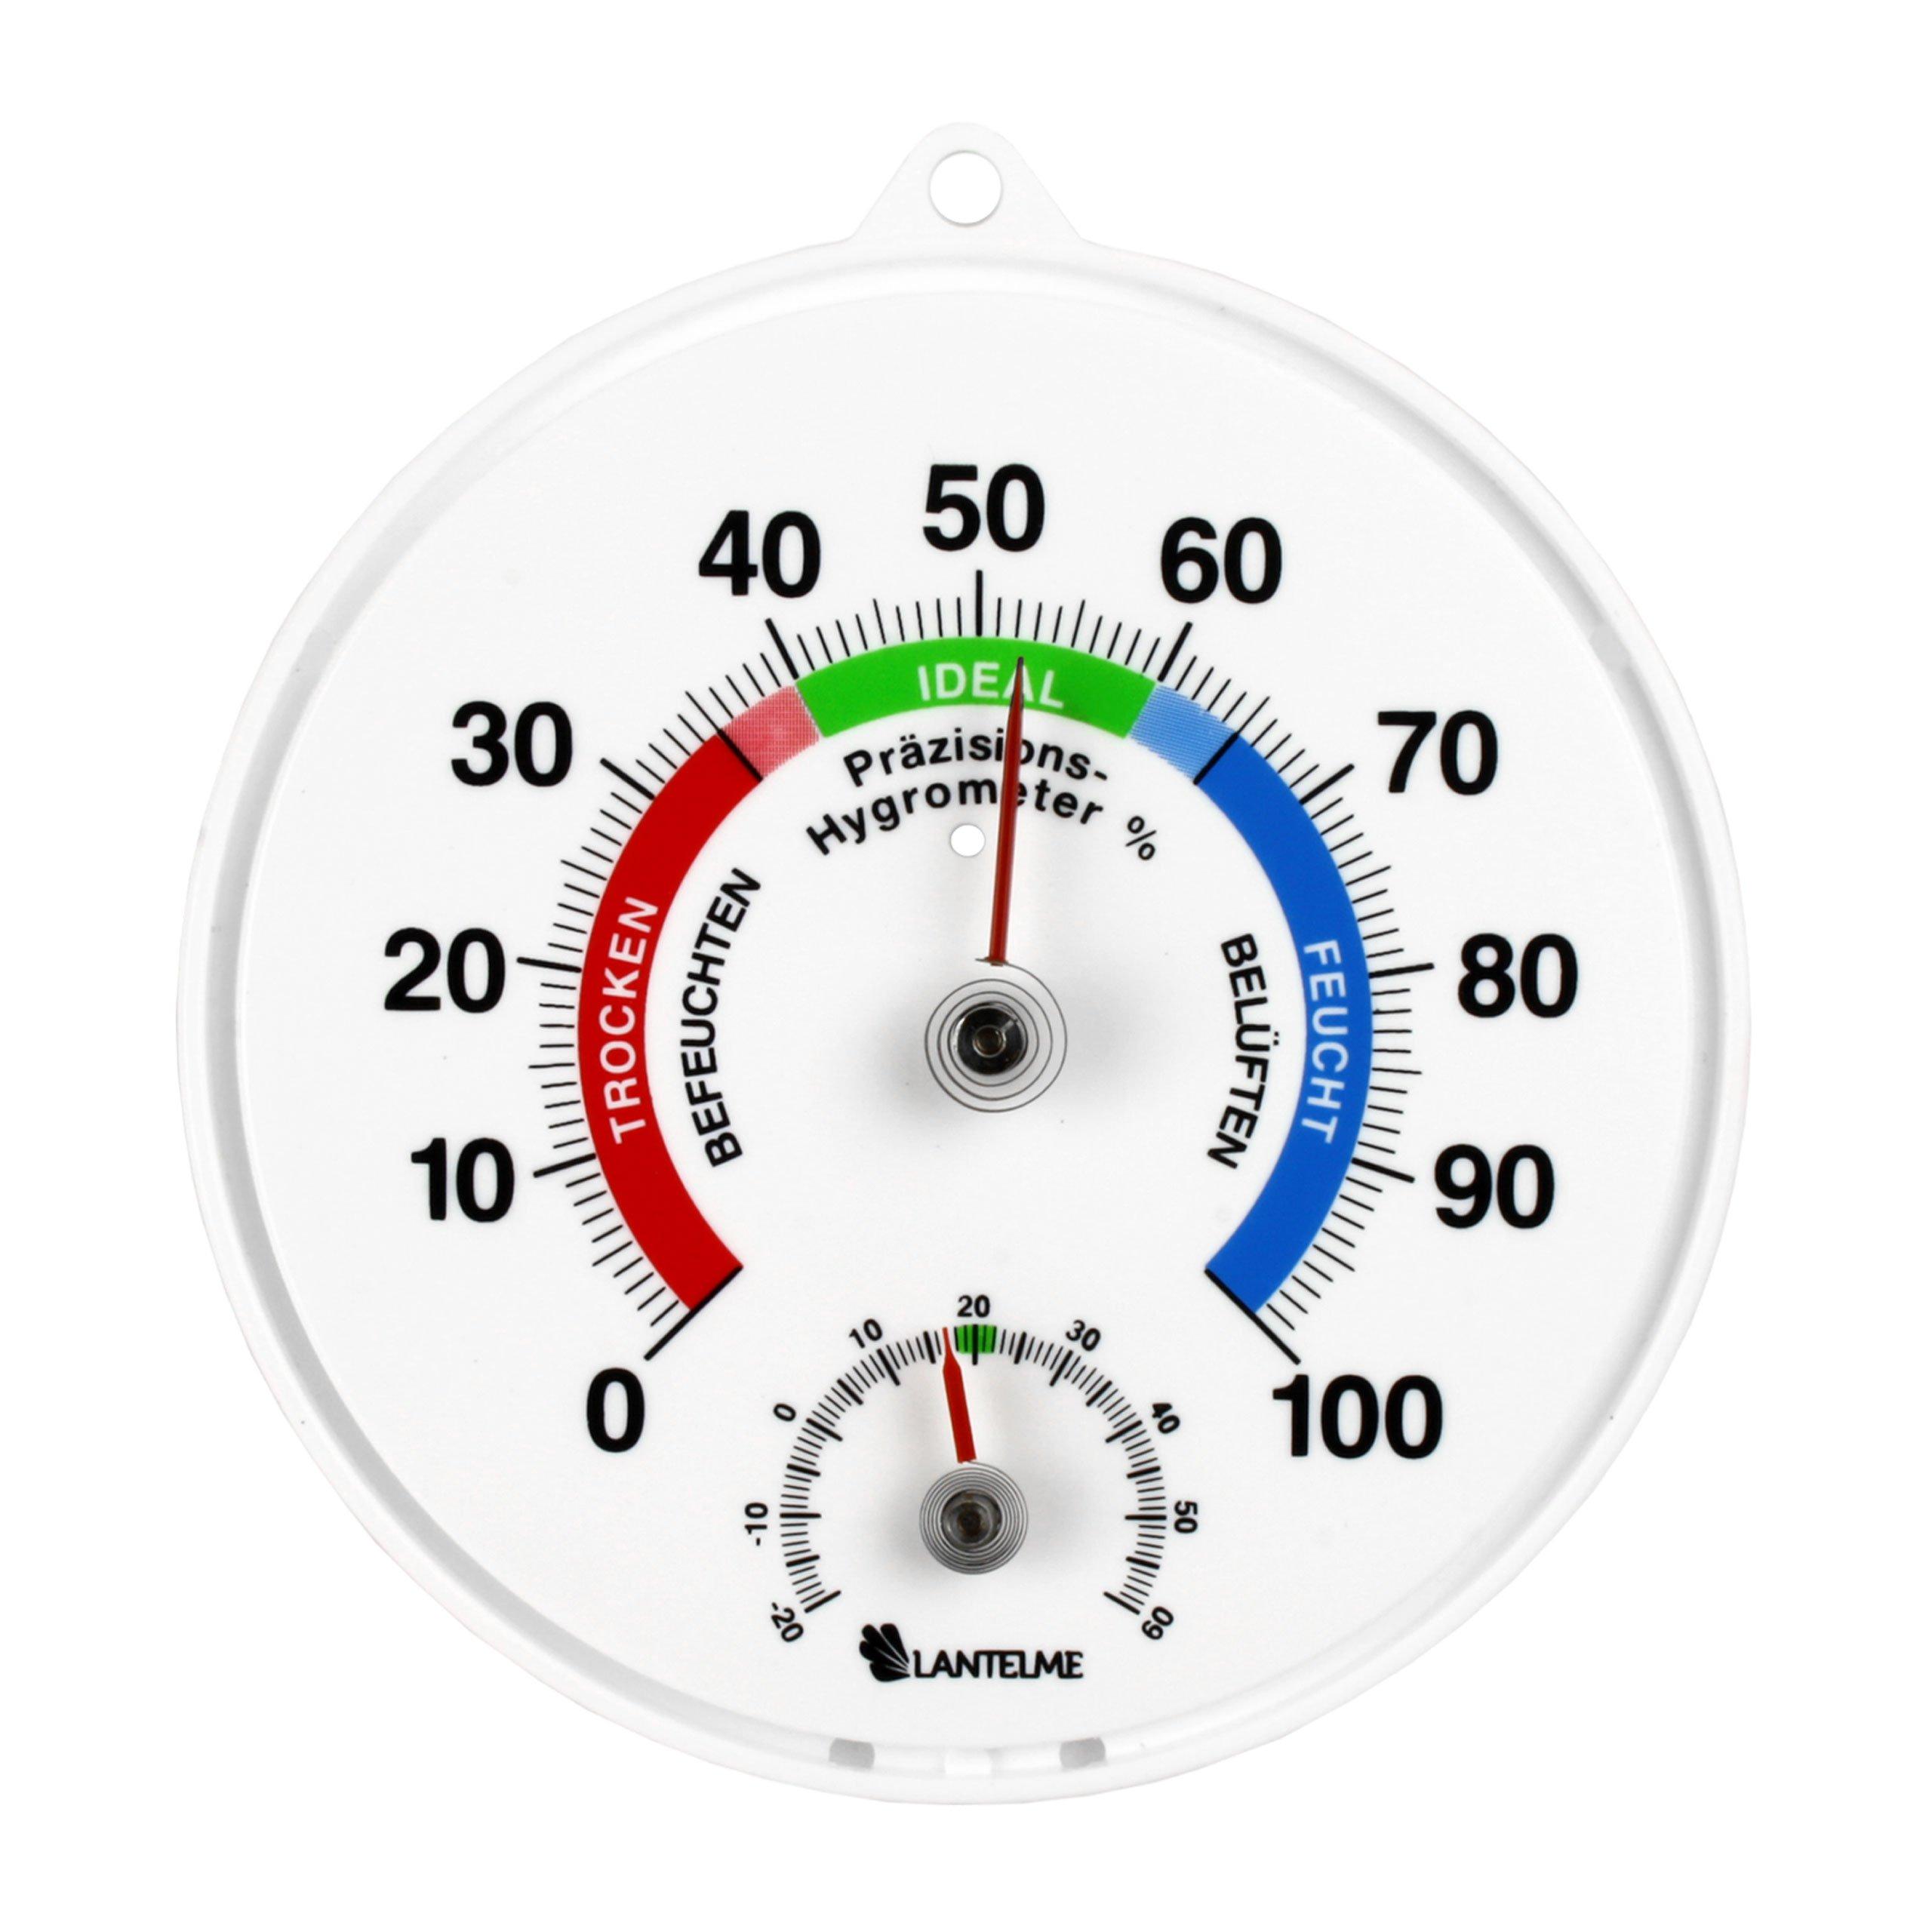 Hängen Bootsport Begeistert Barometer Analog Barigo Home Schwarz Stellen Haushaltsgeräte